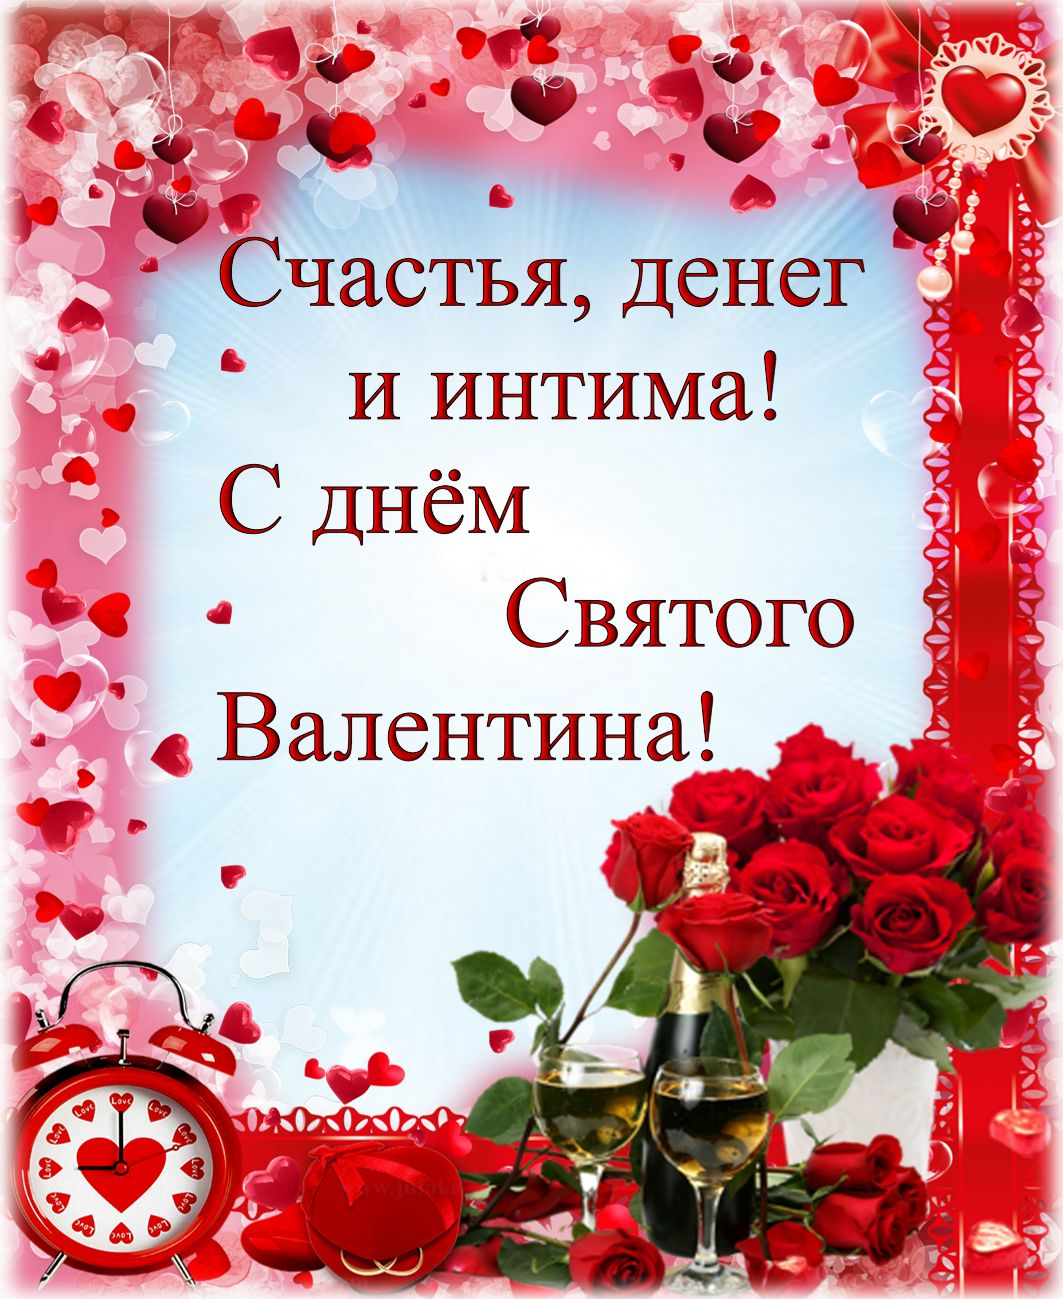 Открытка с пожеланием в красивой рамке. Интима. С Днем Святого Валентина.